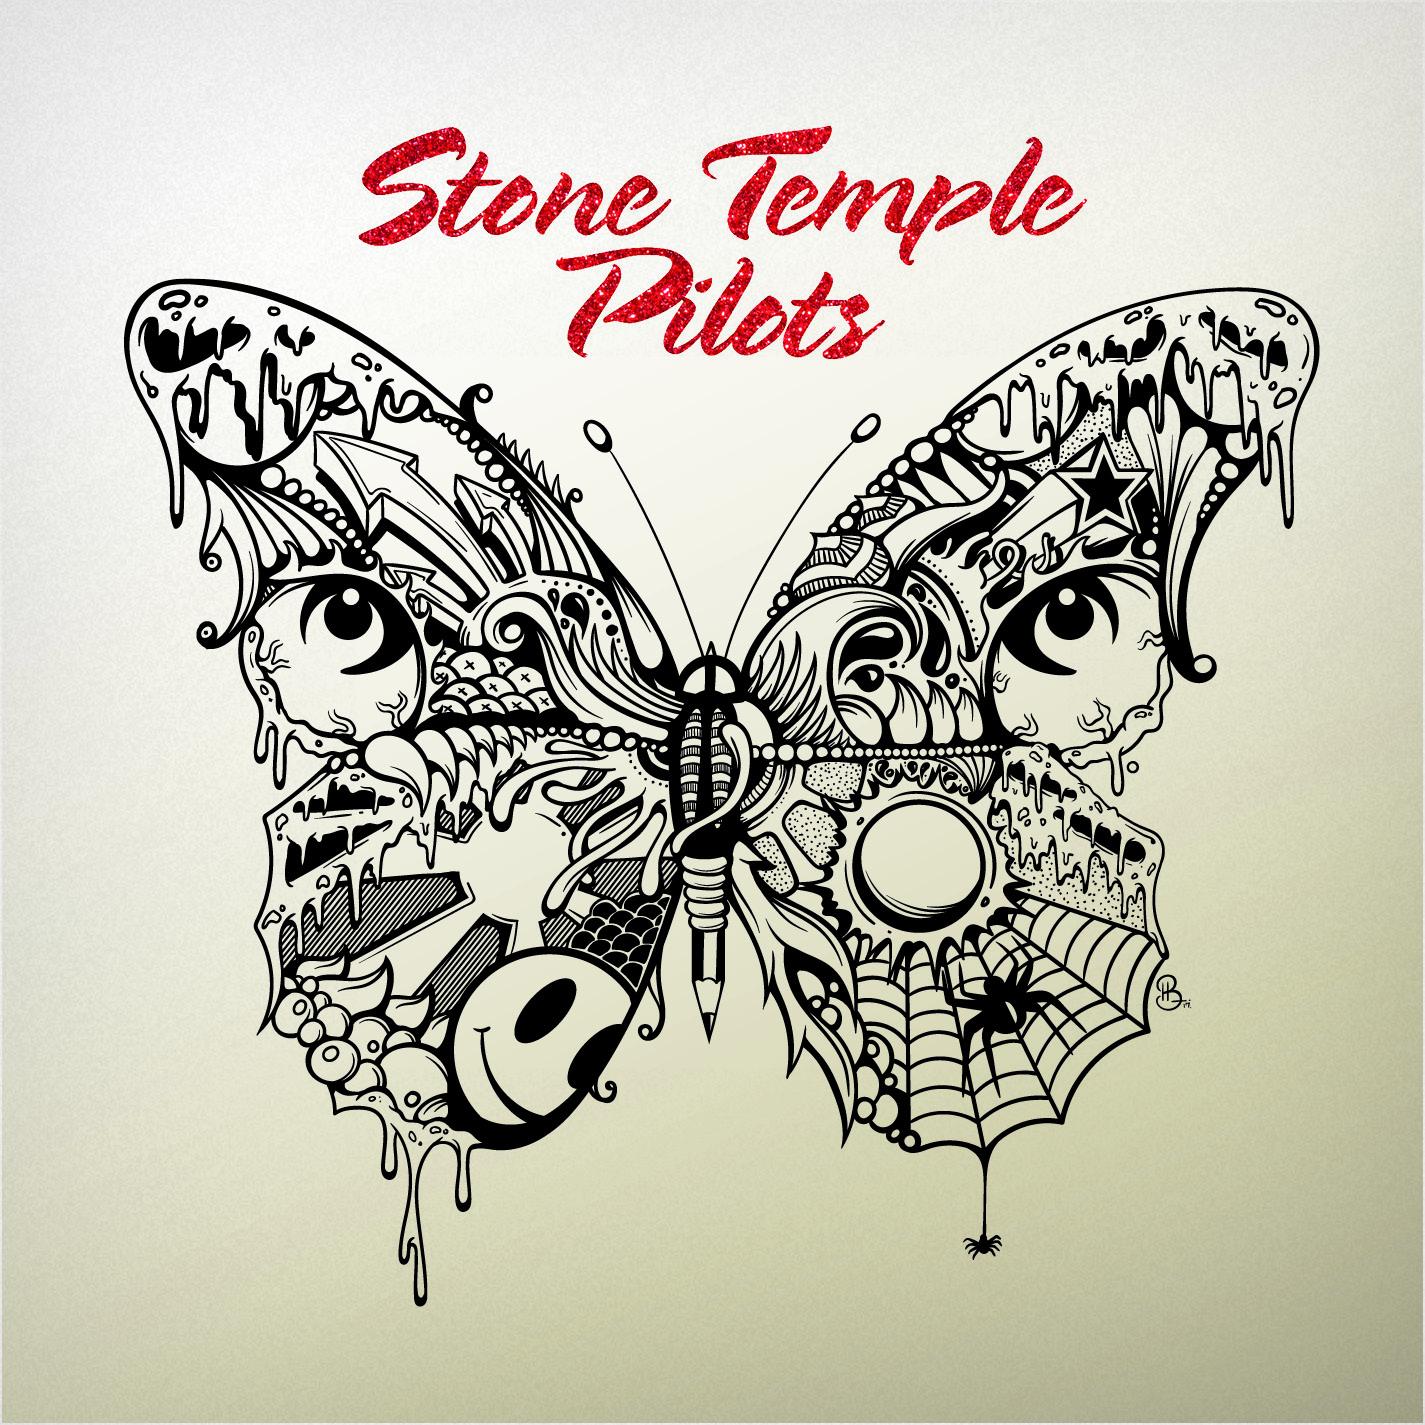 Stone Temple Pilots – Stone Temple Pilots | rockblog.bluesspot